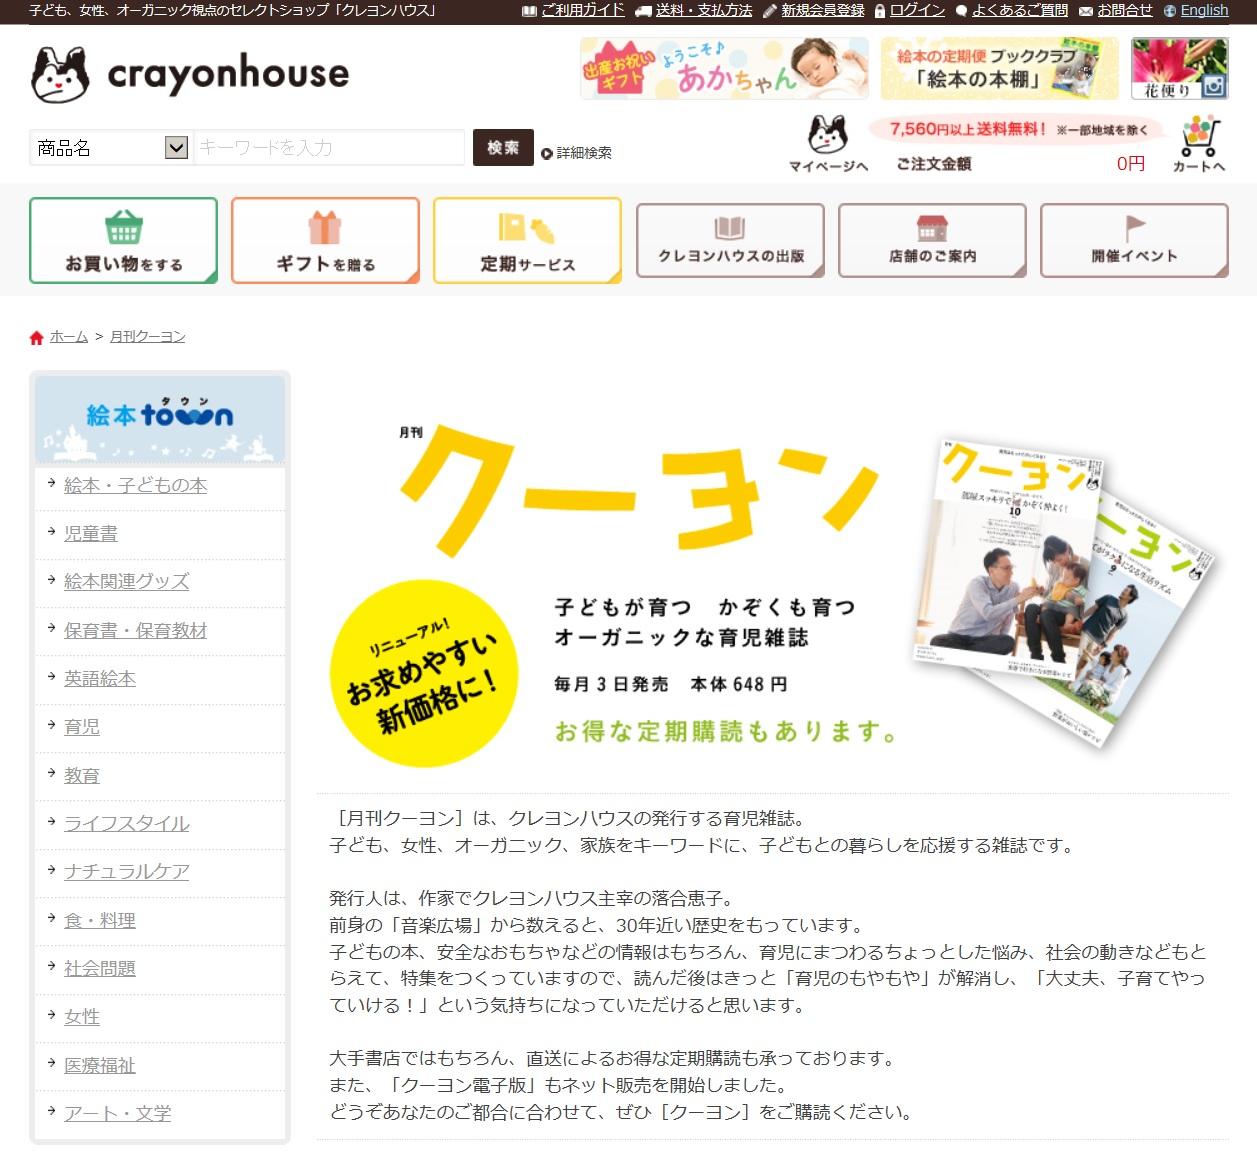 クレヨンハウス育児雑誌 月刊『cooyon クーヨン』